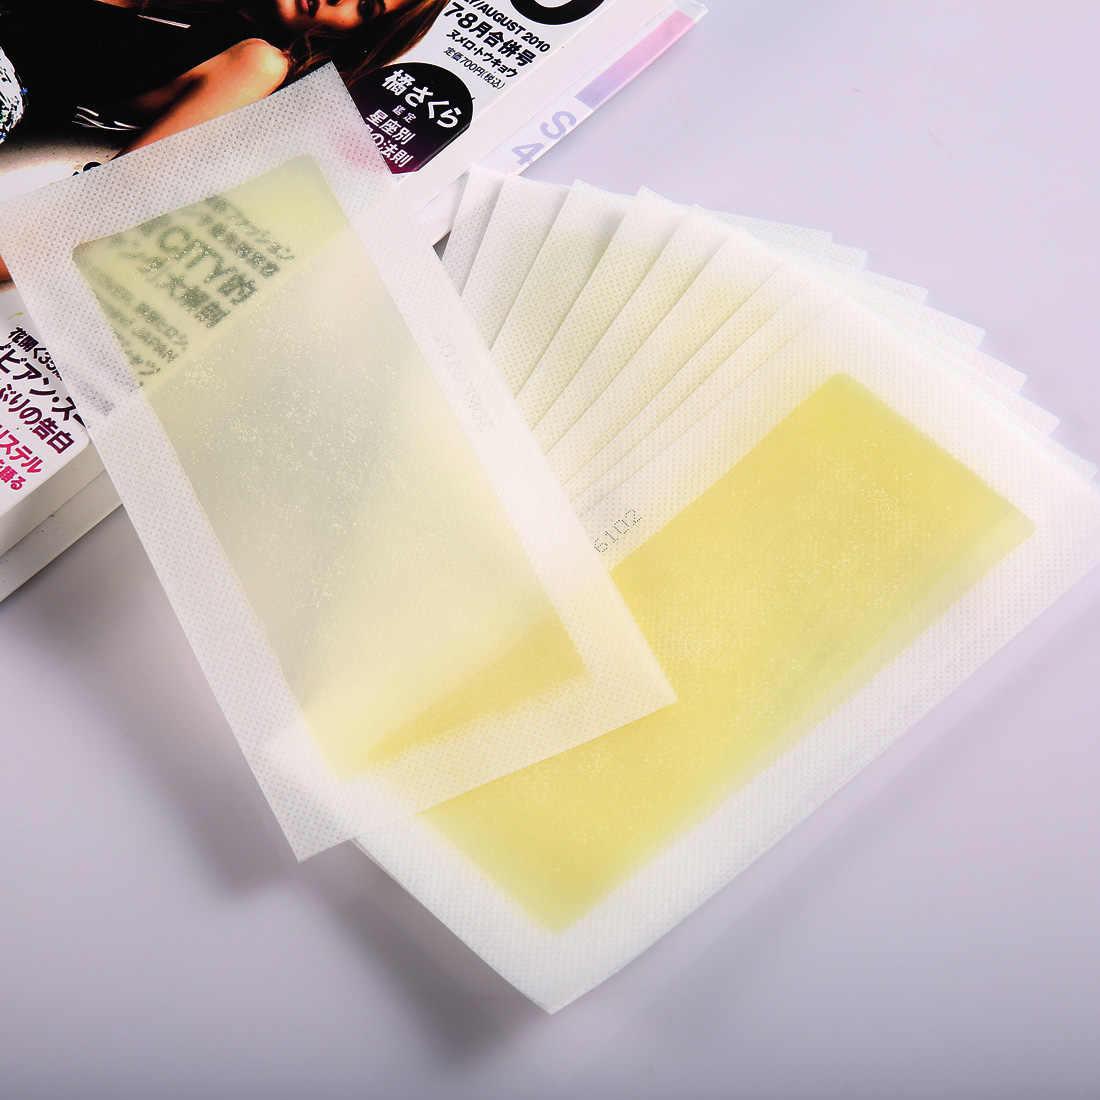 20 adet 10 levhalar Sarı Epilasyon Çift Taraflı Soğuk balmumu şerit Kağıtları Bacak Vücut Yüz Ağda Nonwoven Tüy Dökücü Sökücü